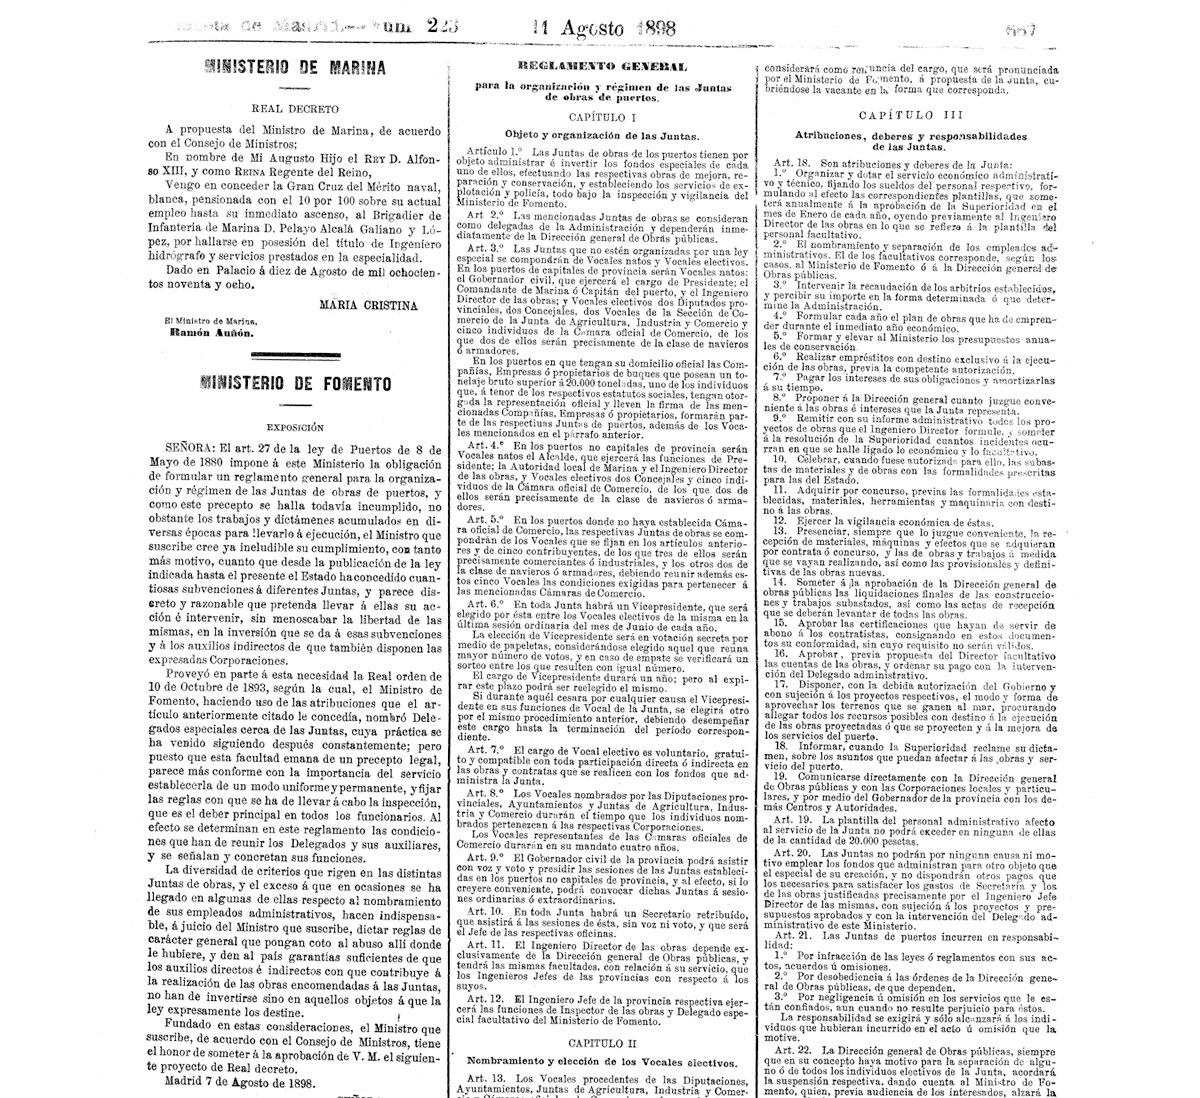 Reial Decret d'agost de 1898 que fixa l'organització i règim de les Juntes d'obres dels ports / BOE